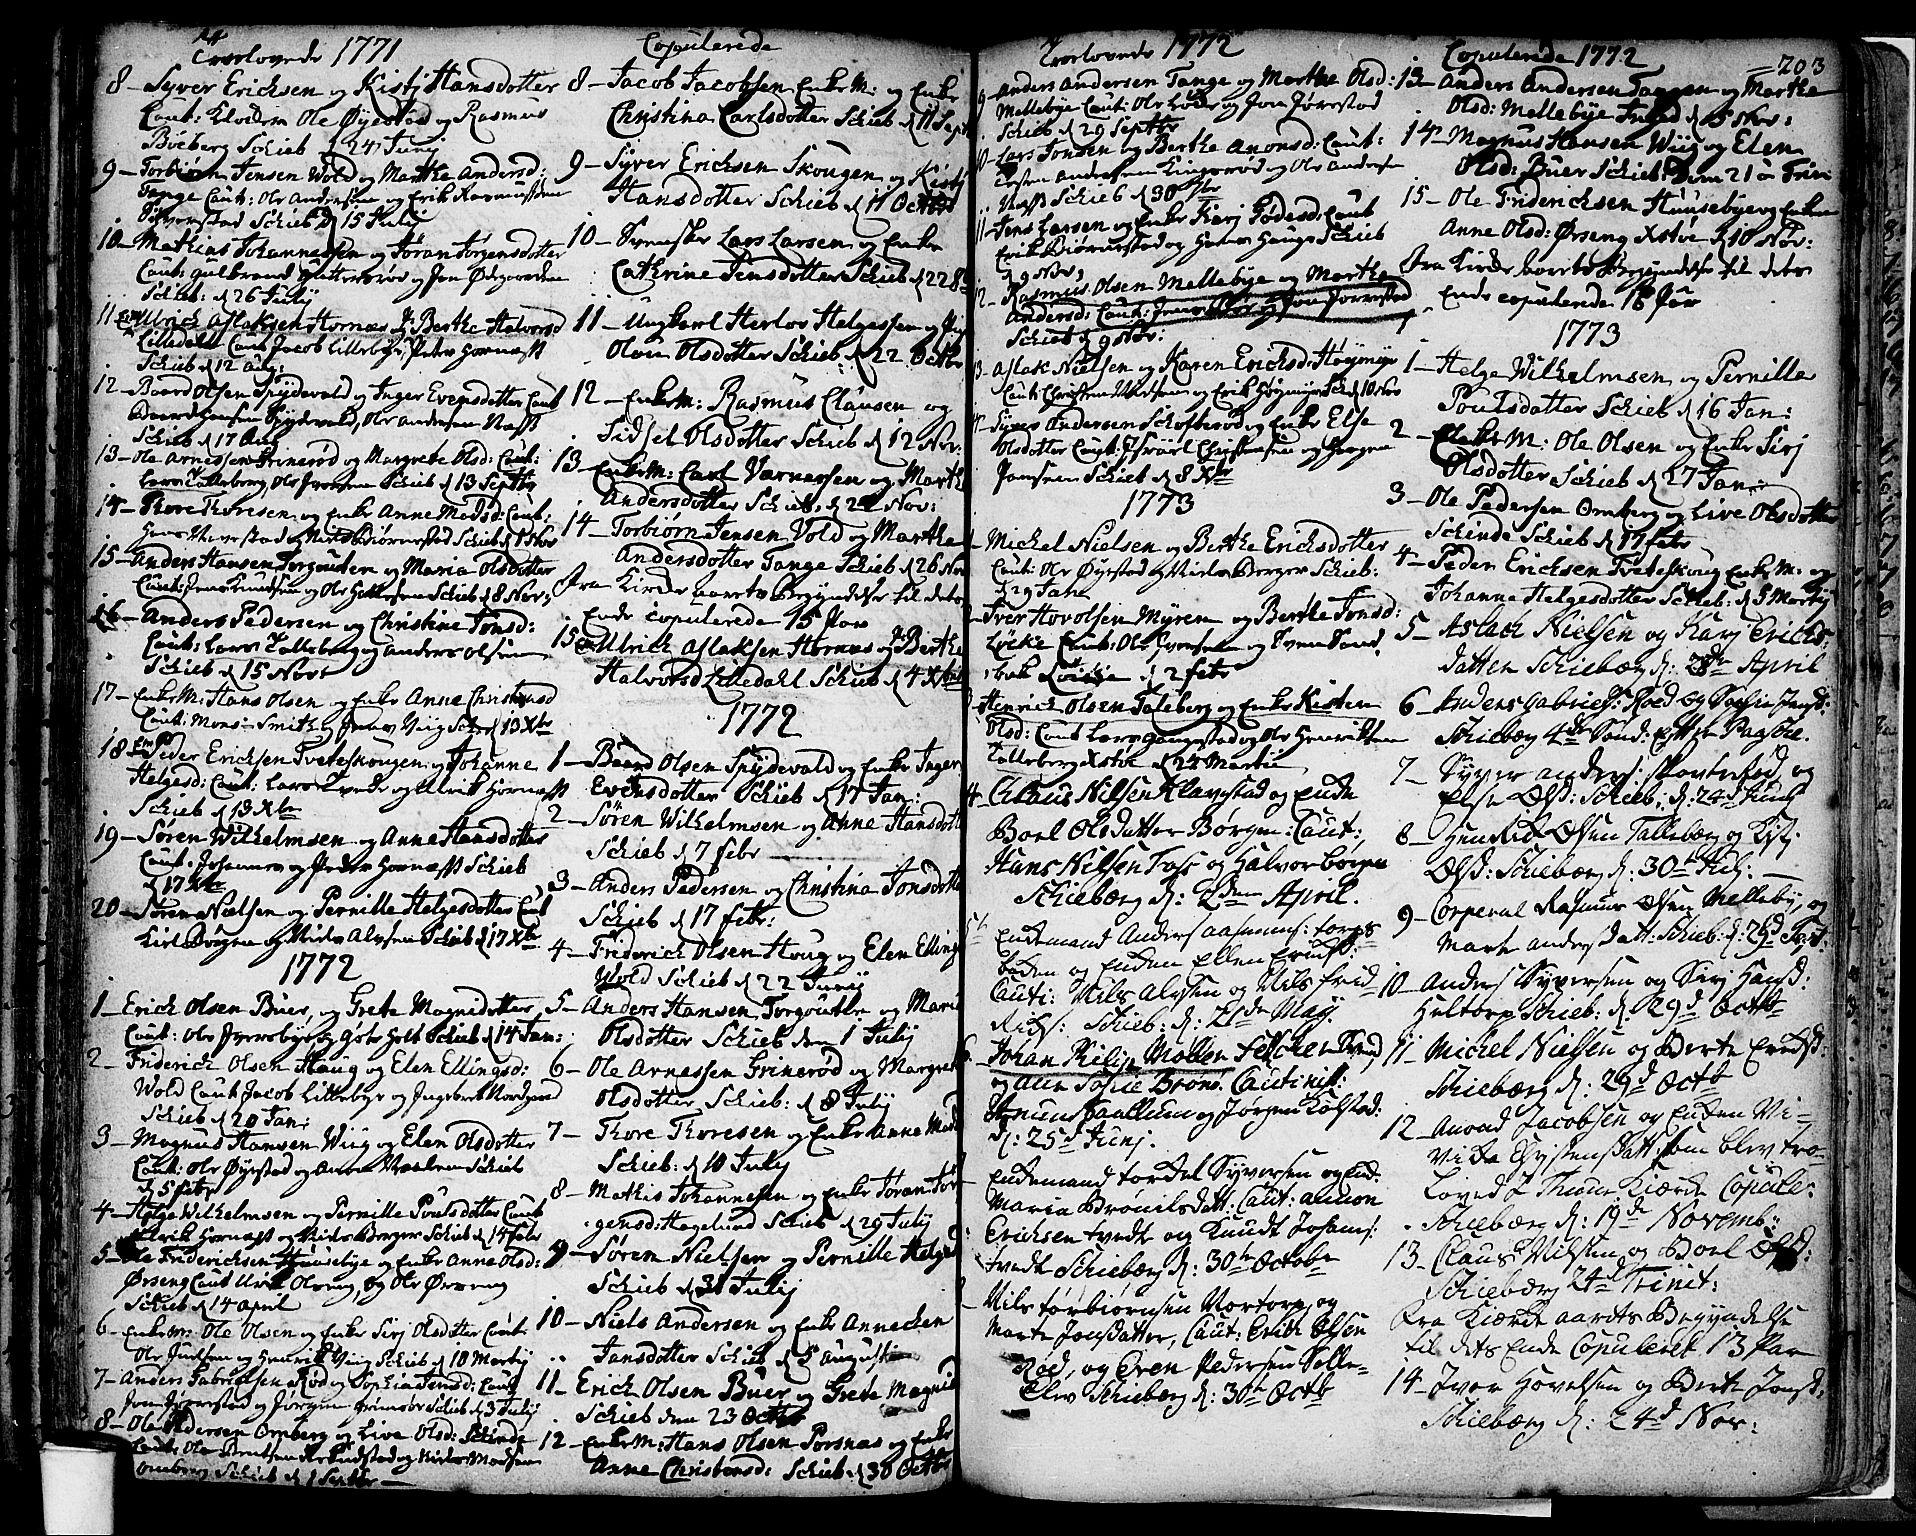 SAO, Skjeberg prestekontor Kirkebøker, F/Fa/L0002: Ministerialbok nr. I 2, 1726-1791, s. 203